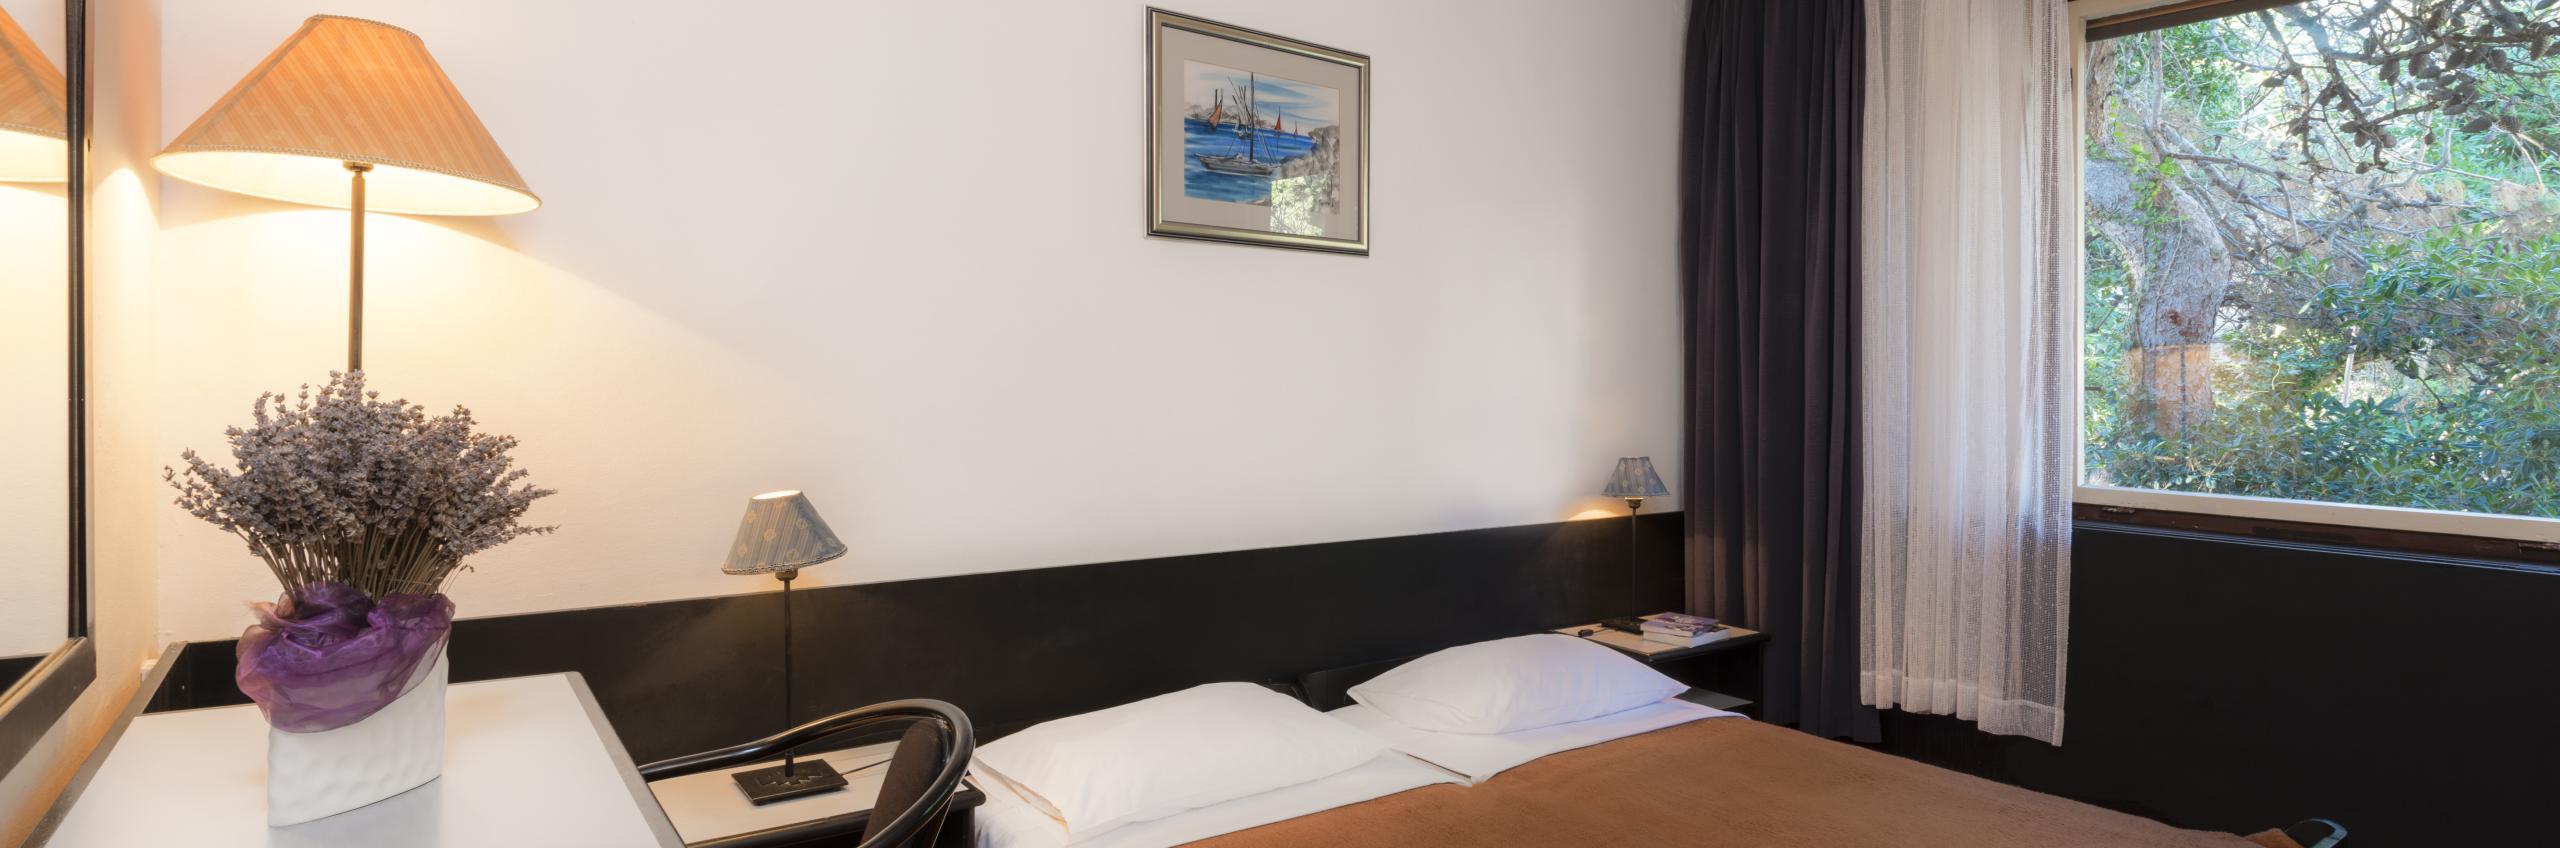 Hotel Delfin Hvar